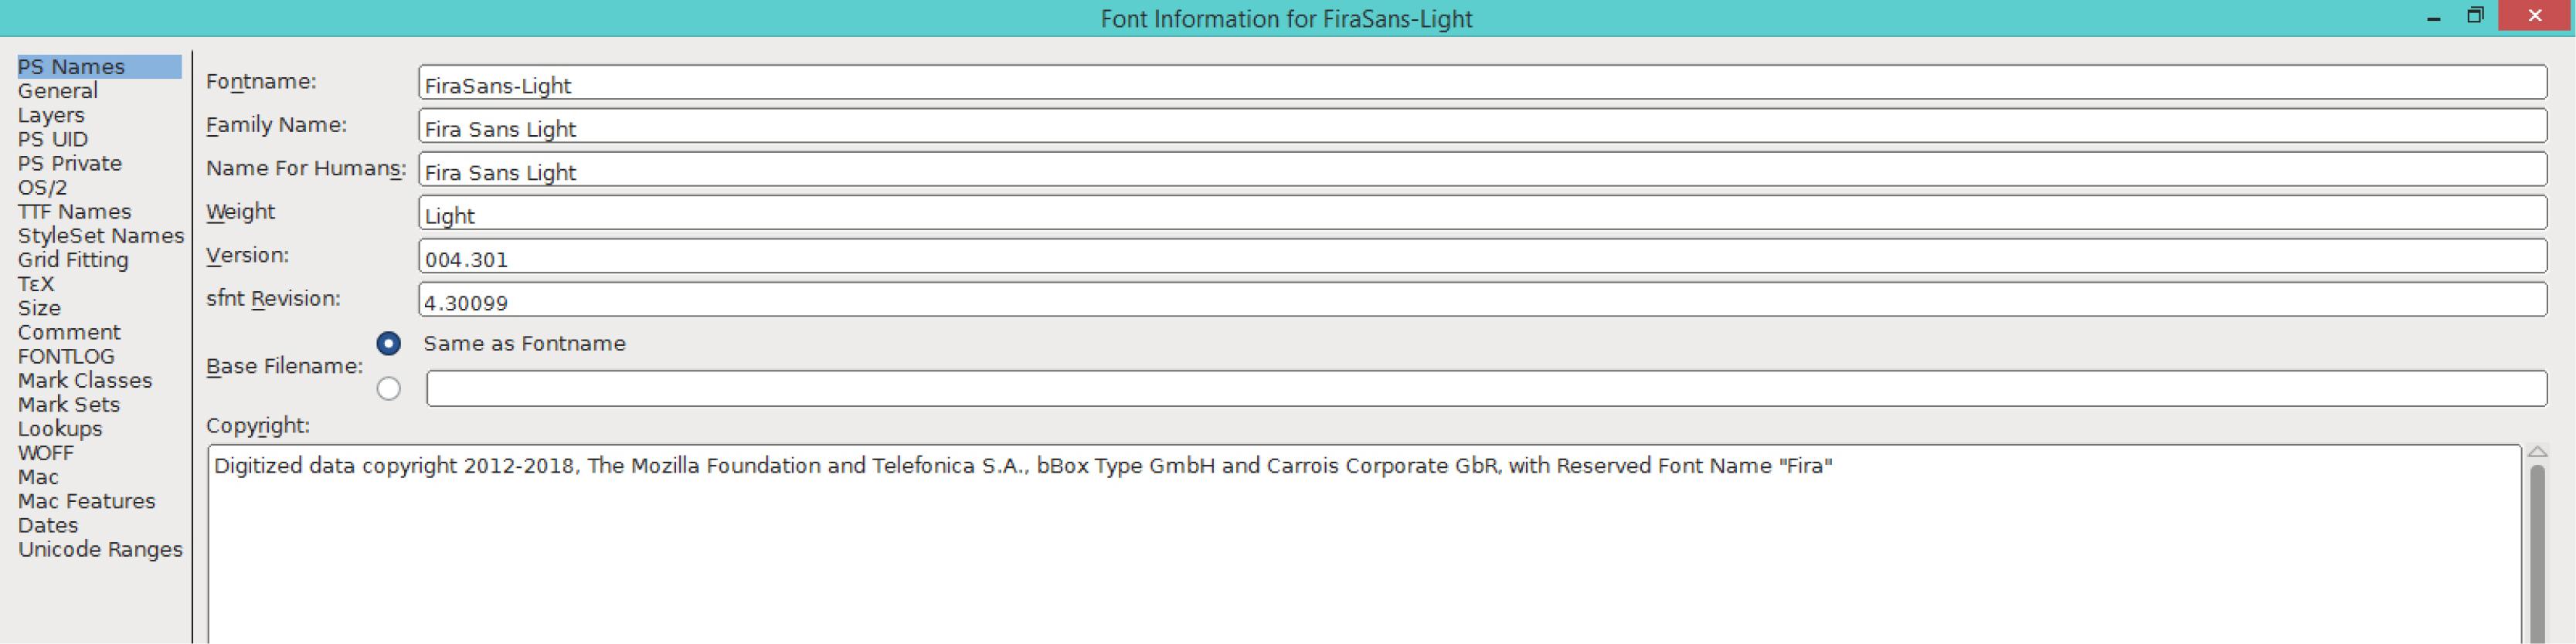 Fira Sans Light (PS)